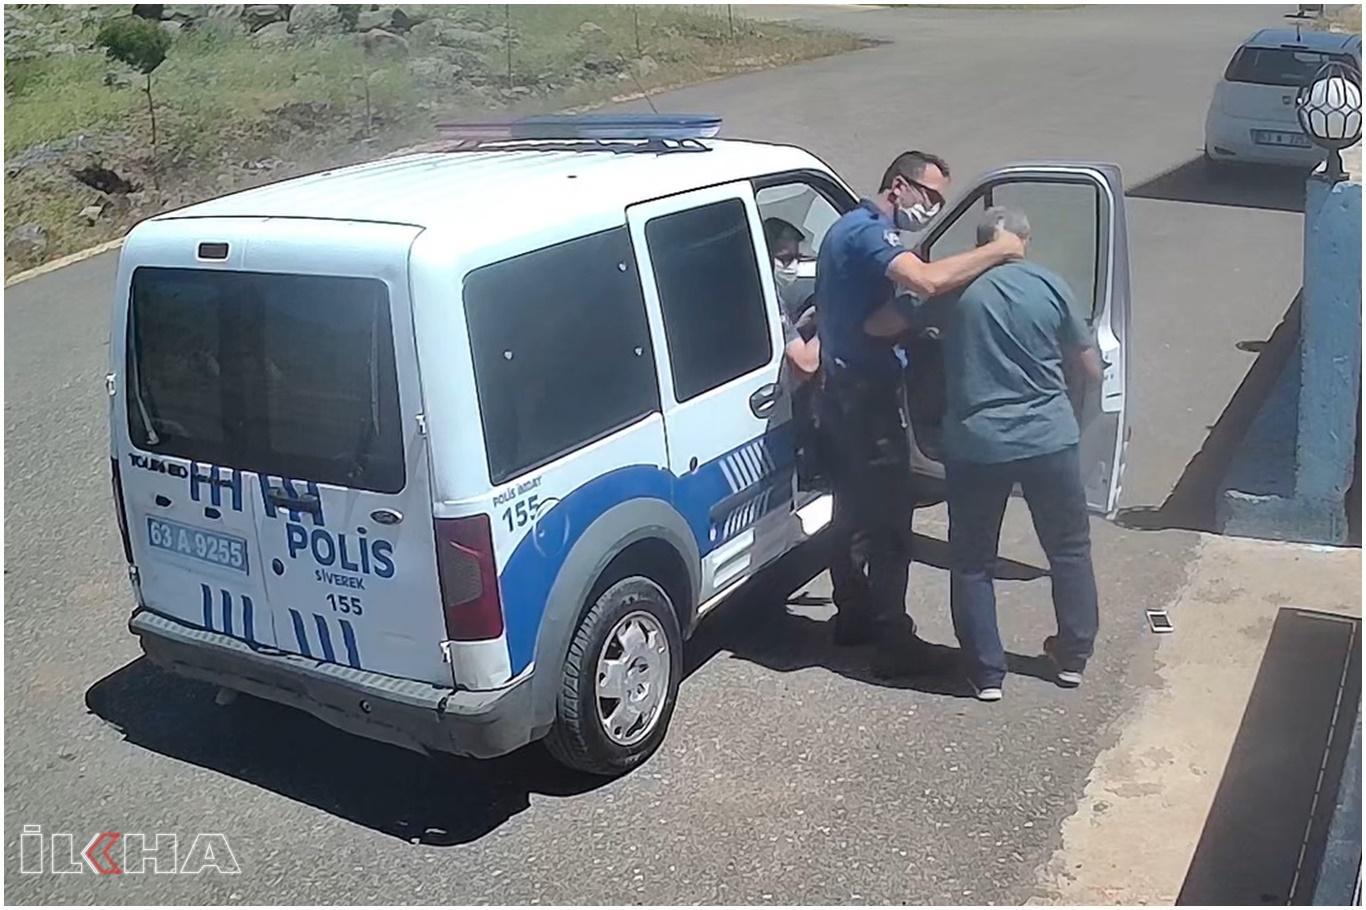 Maske takmadığı gerekçesiyle polisten azar işiten öğretmenden suç duyurusu.